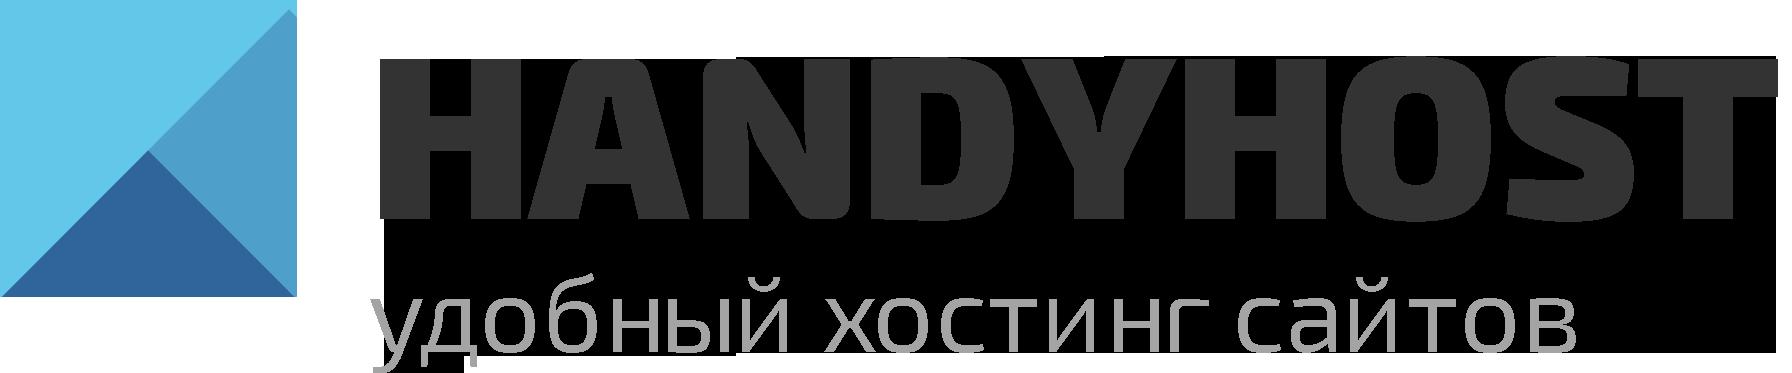 Удобный хостинг - HandyHost.ru